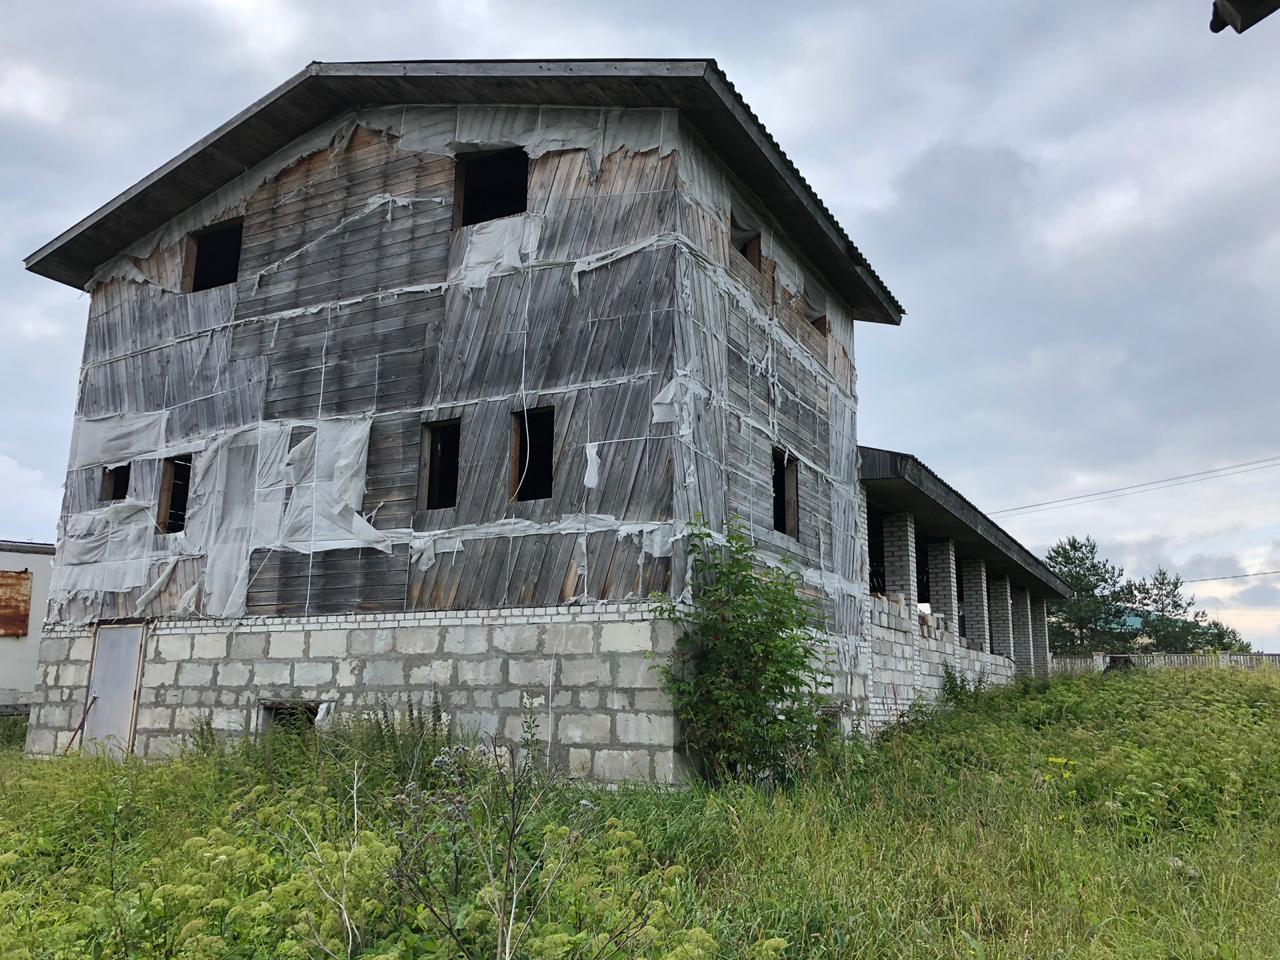 Продажа земельного участка 20сот с домом(недострой), д.Жабино, Гатчинский р-н